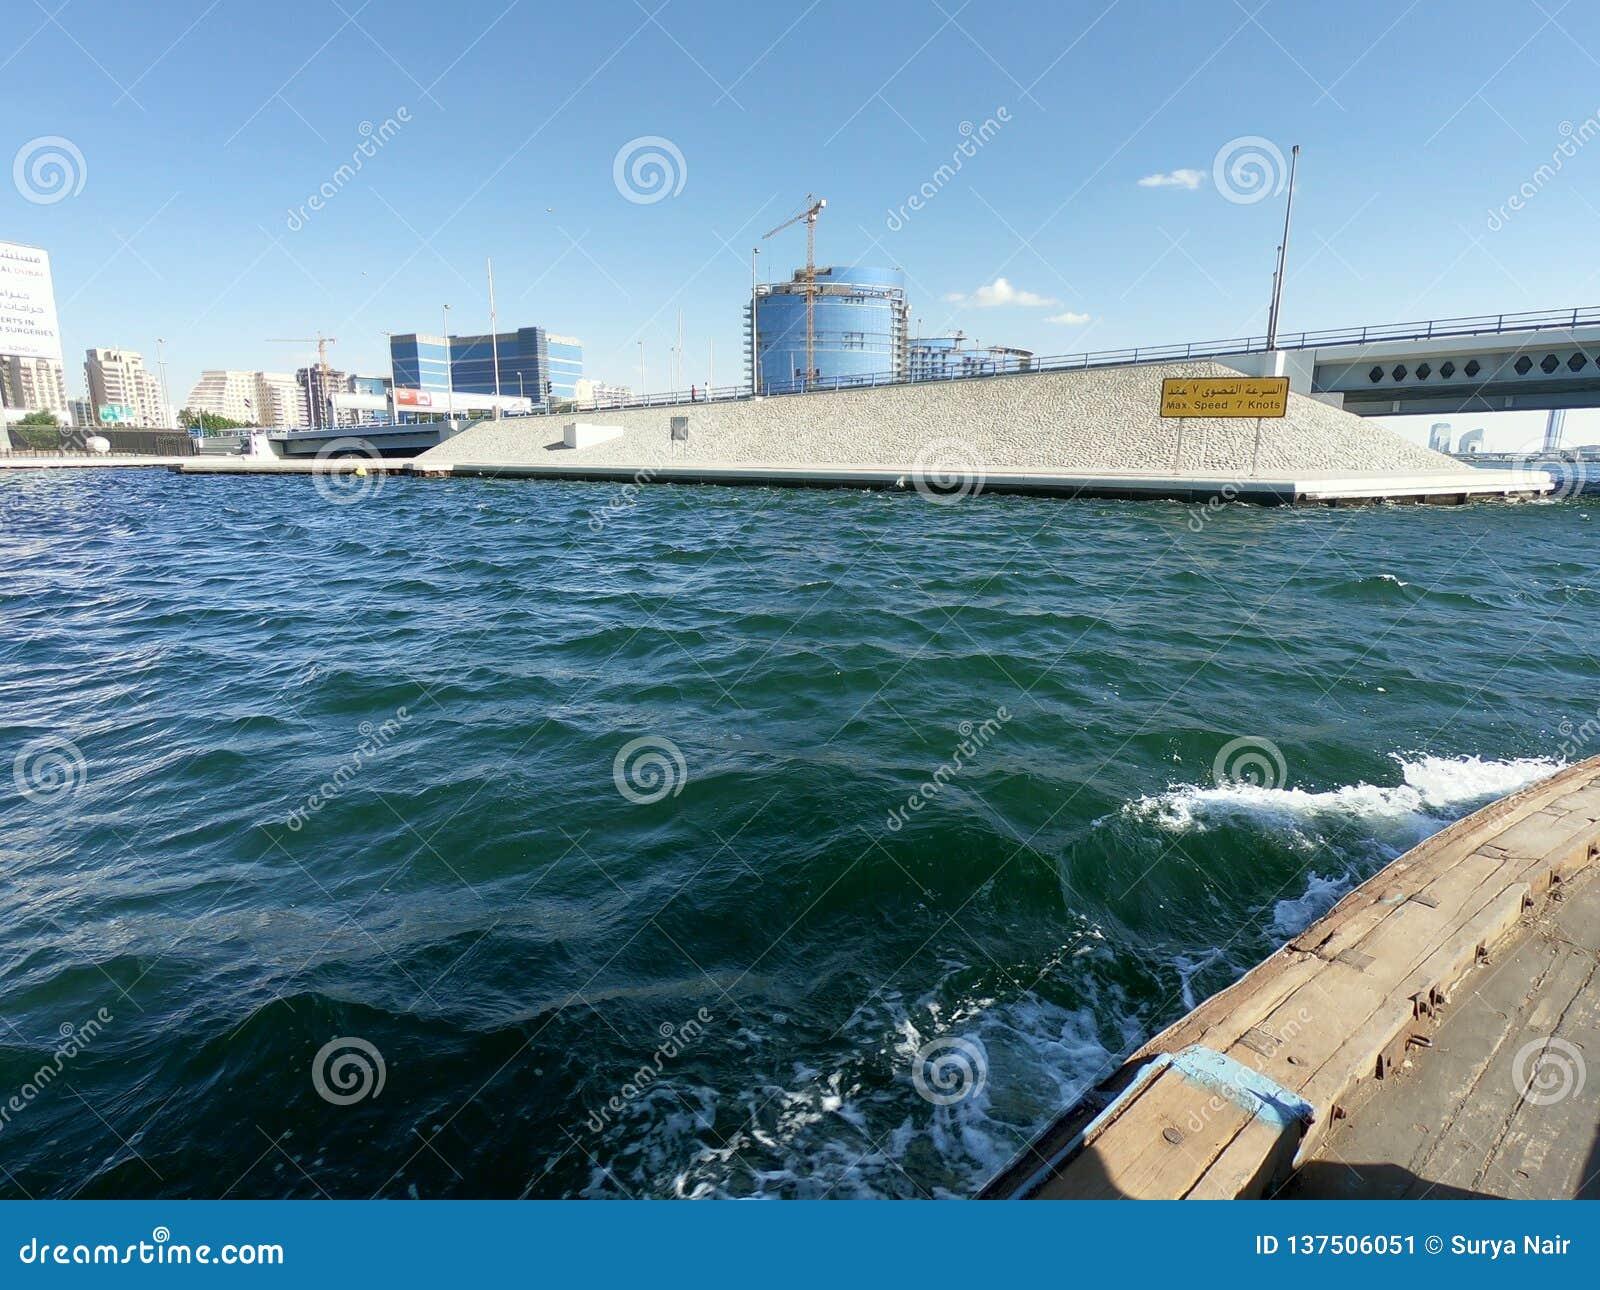 Άποψη οριζόντων και γεφυρών του κολπίσκου του Ντουμπάι - άποψη των κτηρίων και του νερού στο χρόνο ημέρας που βρίσκεται στο Κόλπο